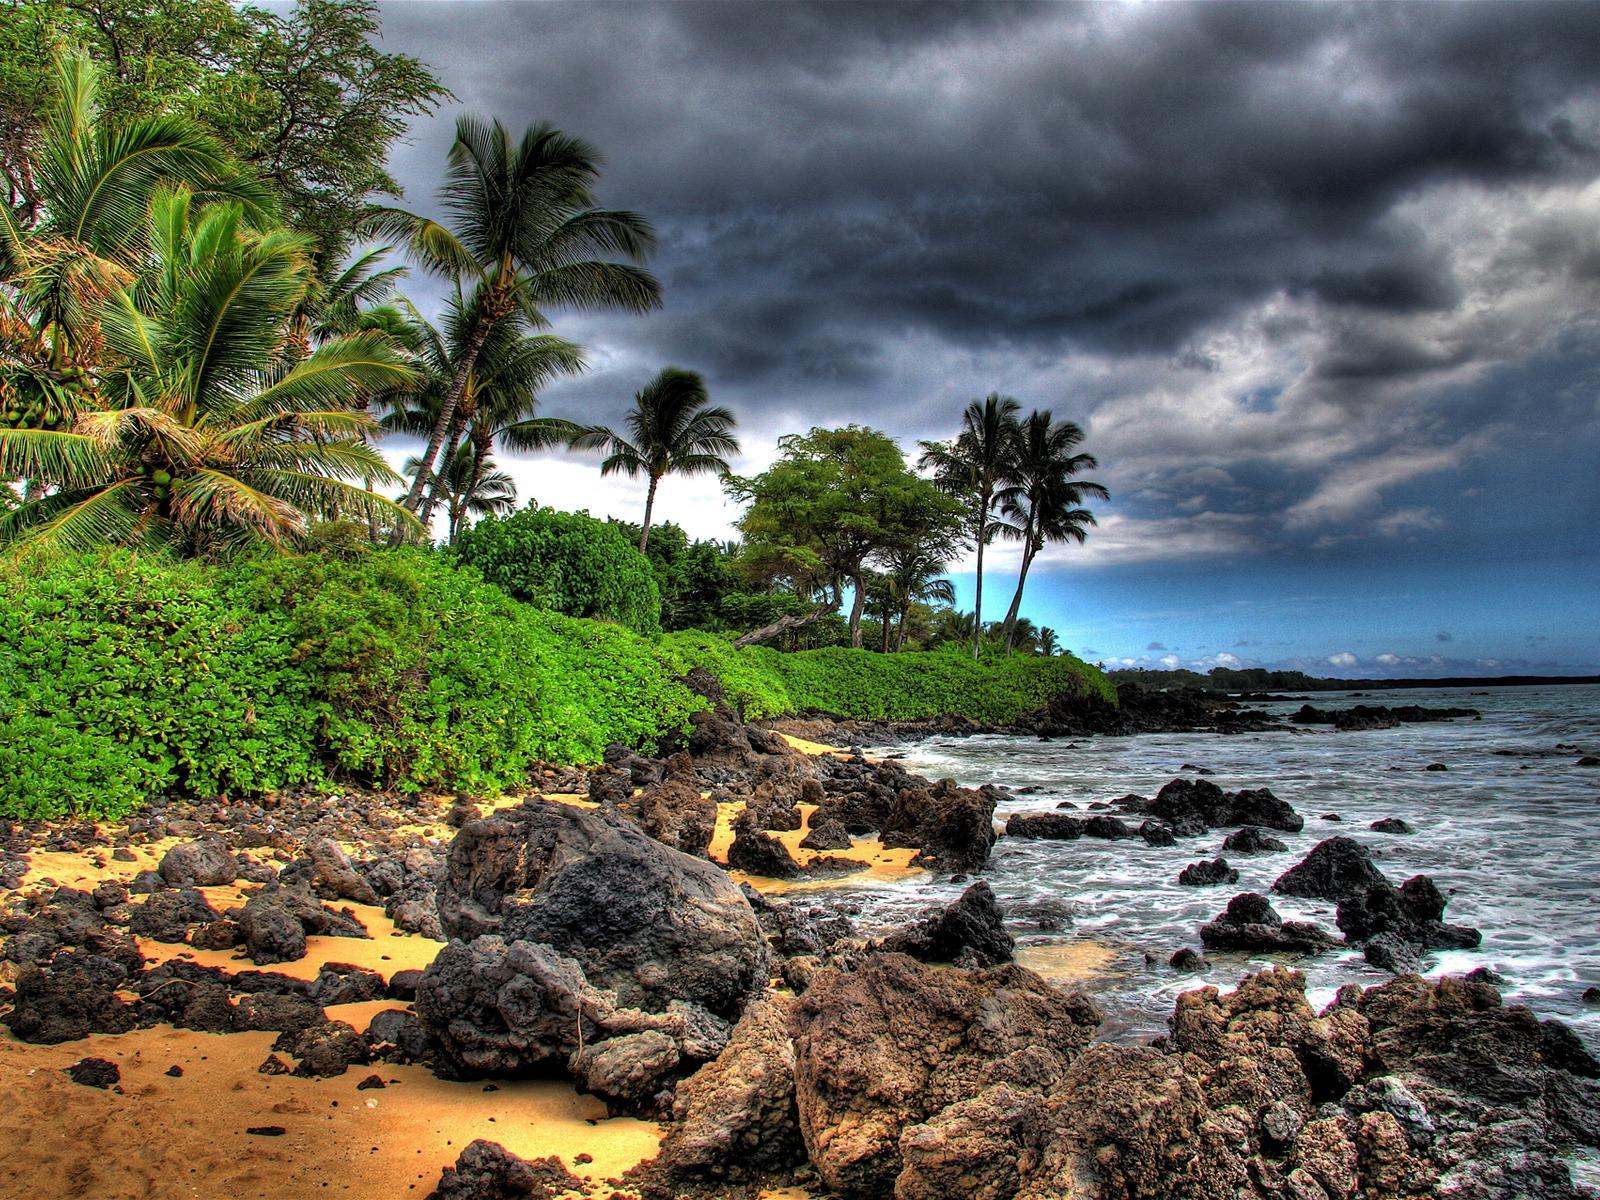 hawaii wallpaper 20267